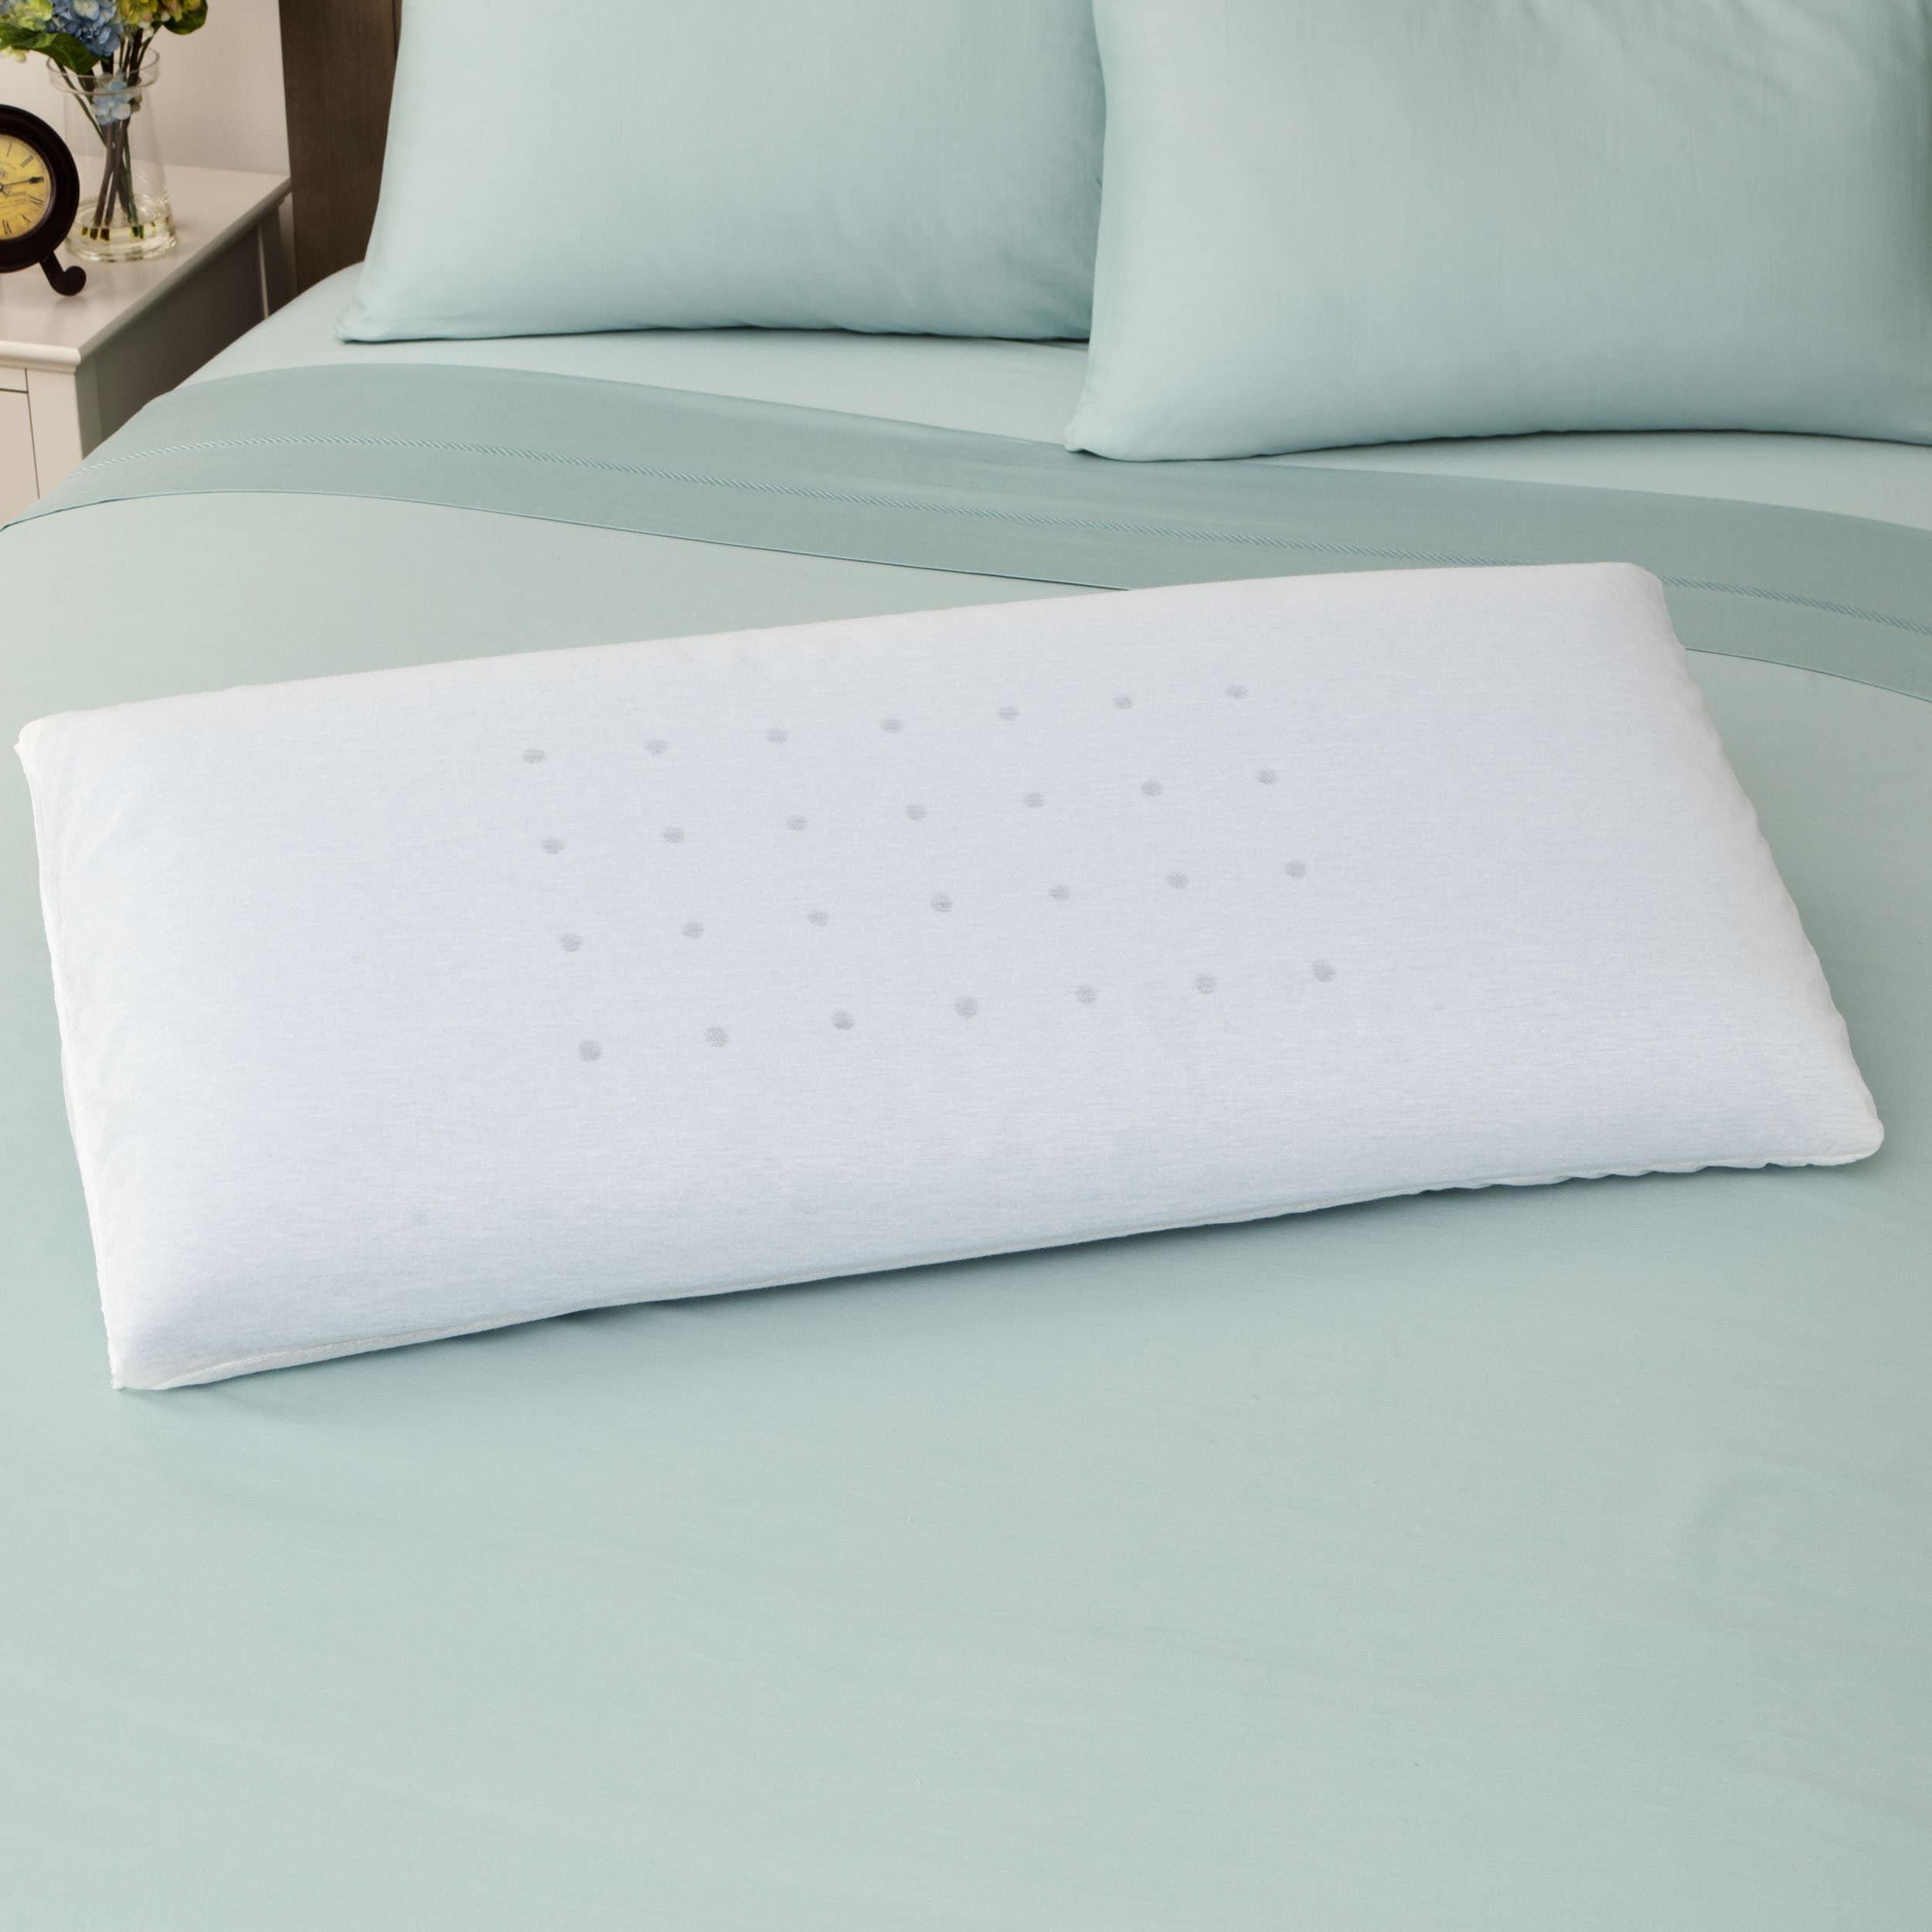 Shop Swisslux Euro Style Luxury King Size Memory Foam Pillow